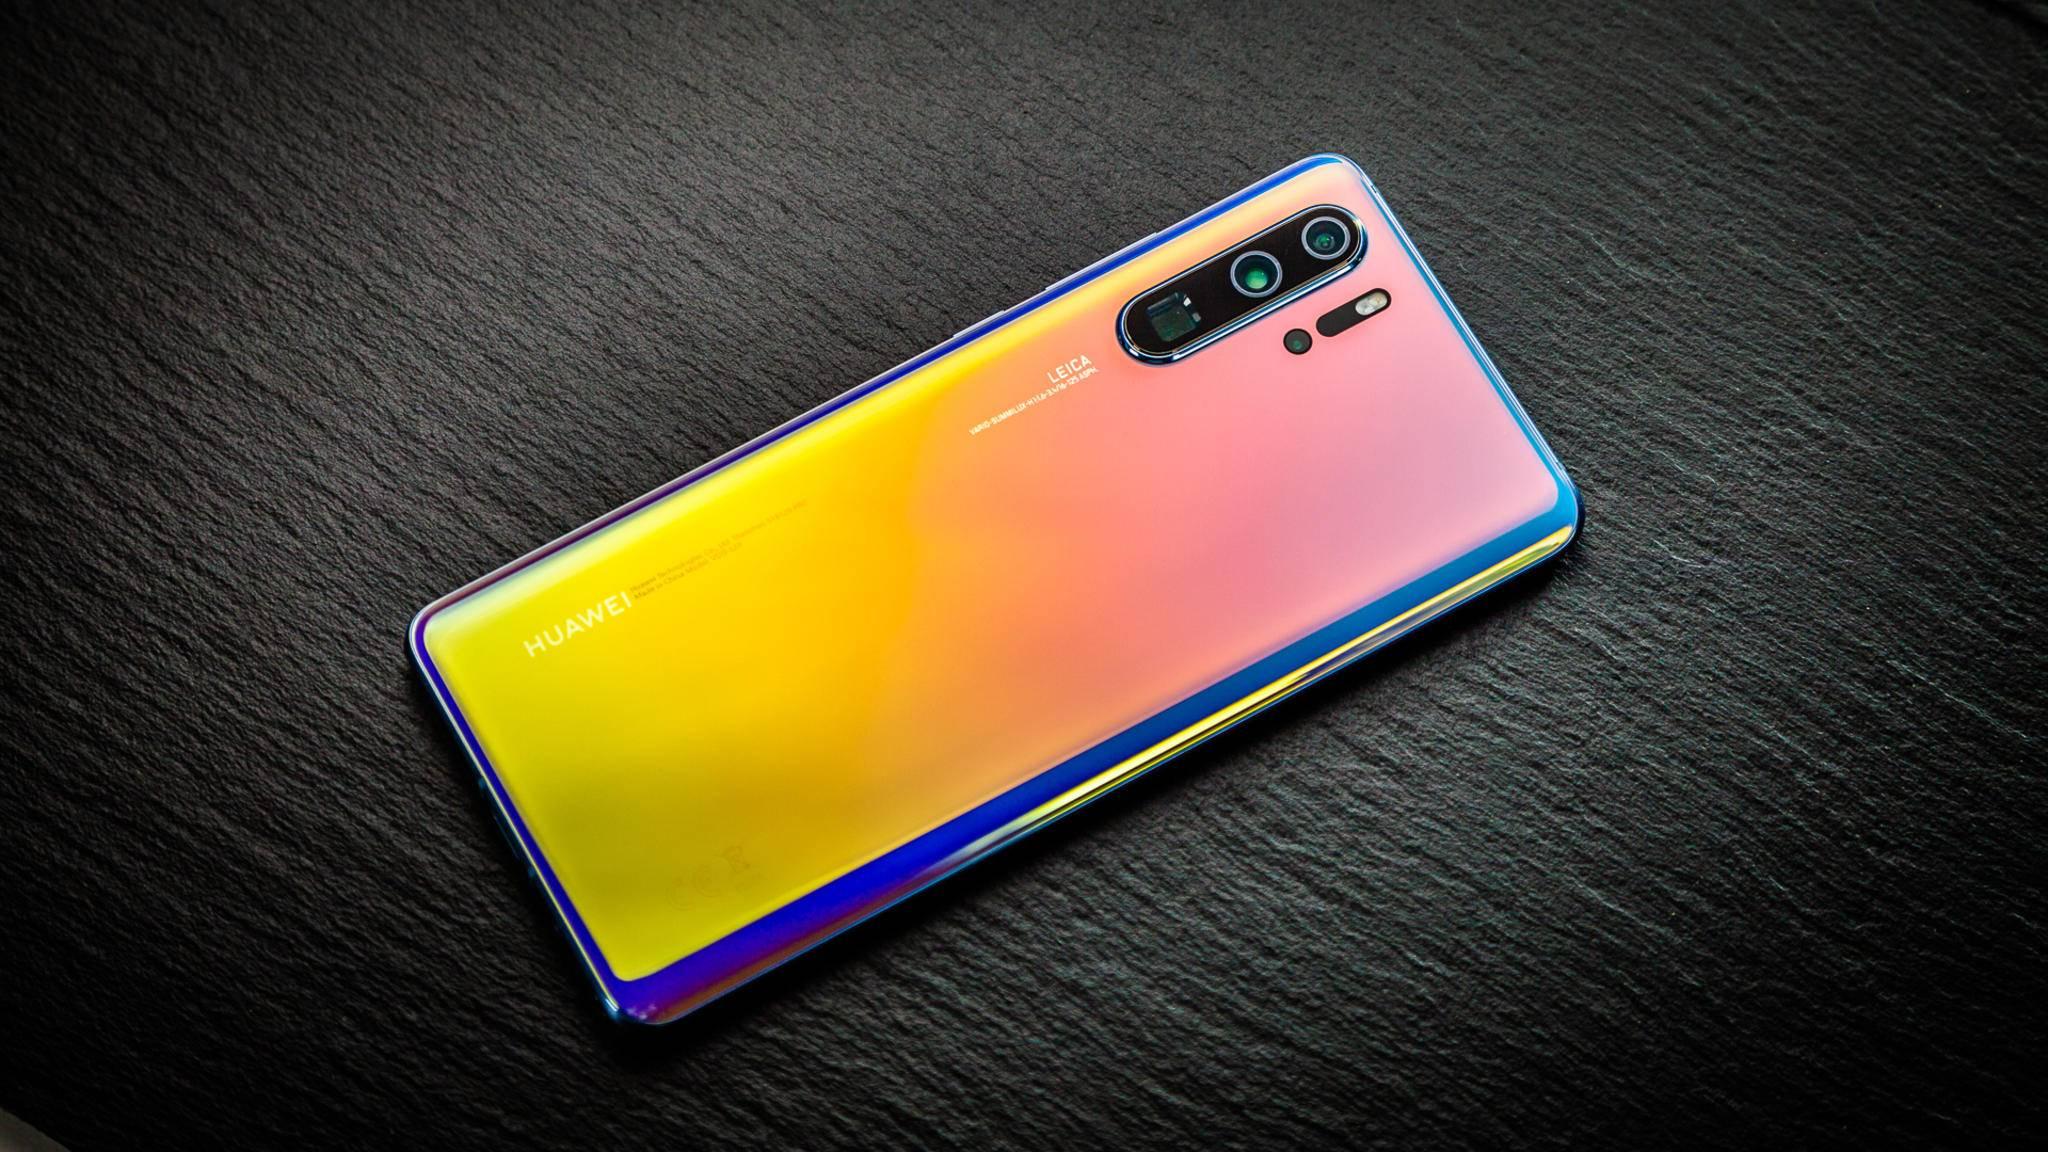 Das Huawei P30 Pro ist vom US-Handelsverbot nicht betroffen.